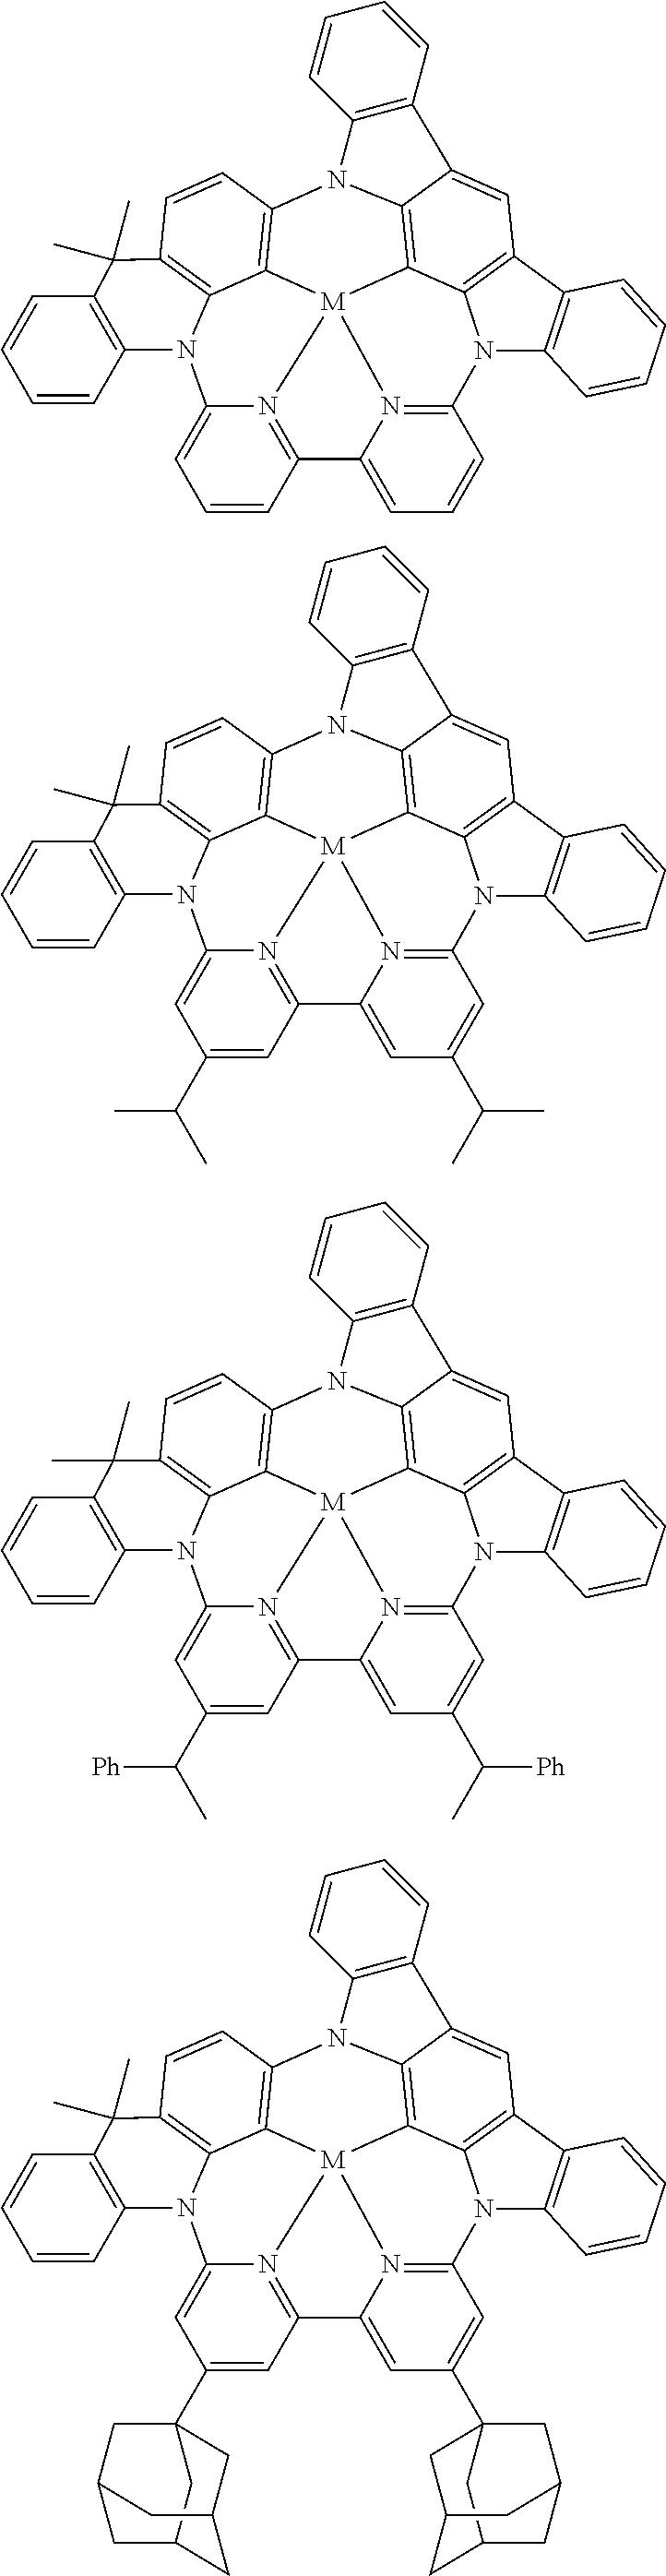 Figure US10158091-20181218-C00151